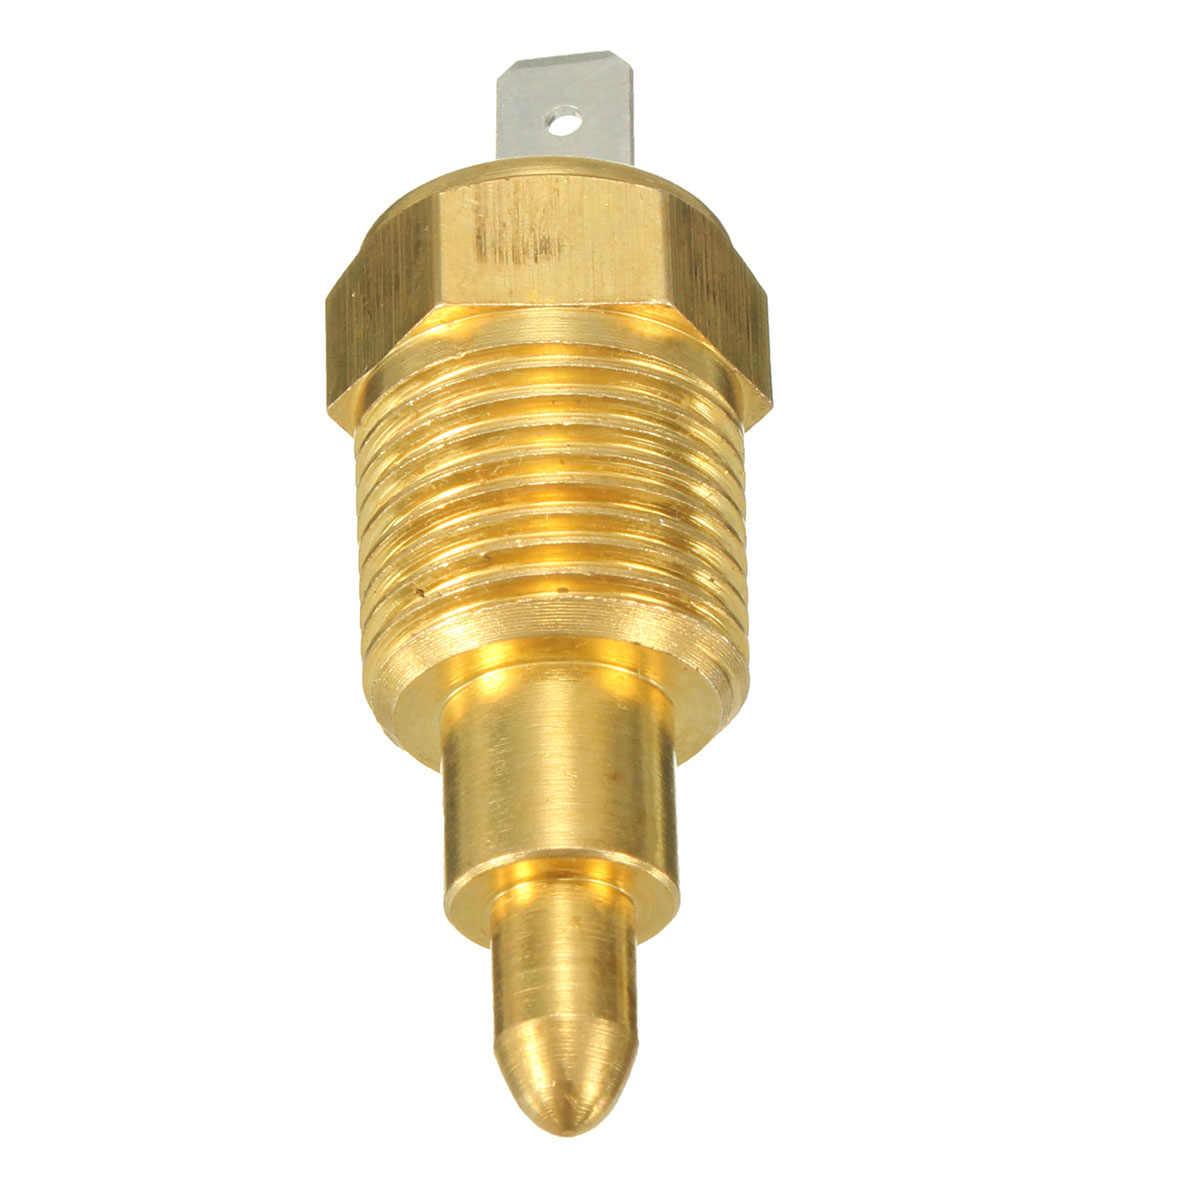 """185-200 degrés moteur électrique ventilateur de refroidissement Thermostat interrupteur capteur de température d'eau 3/8 """"NPT"""